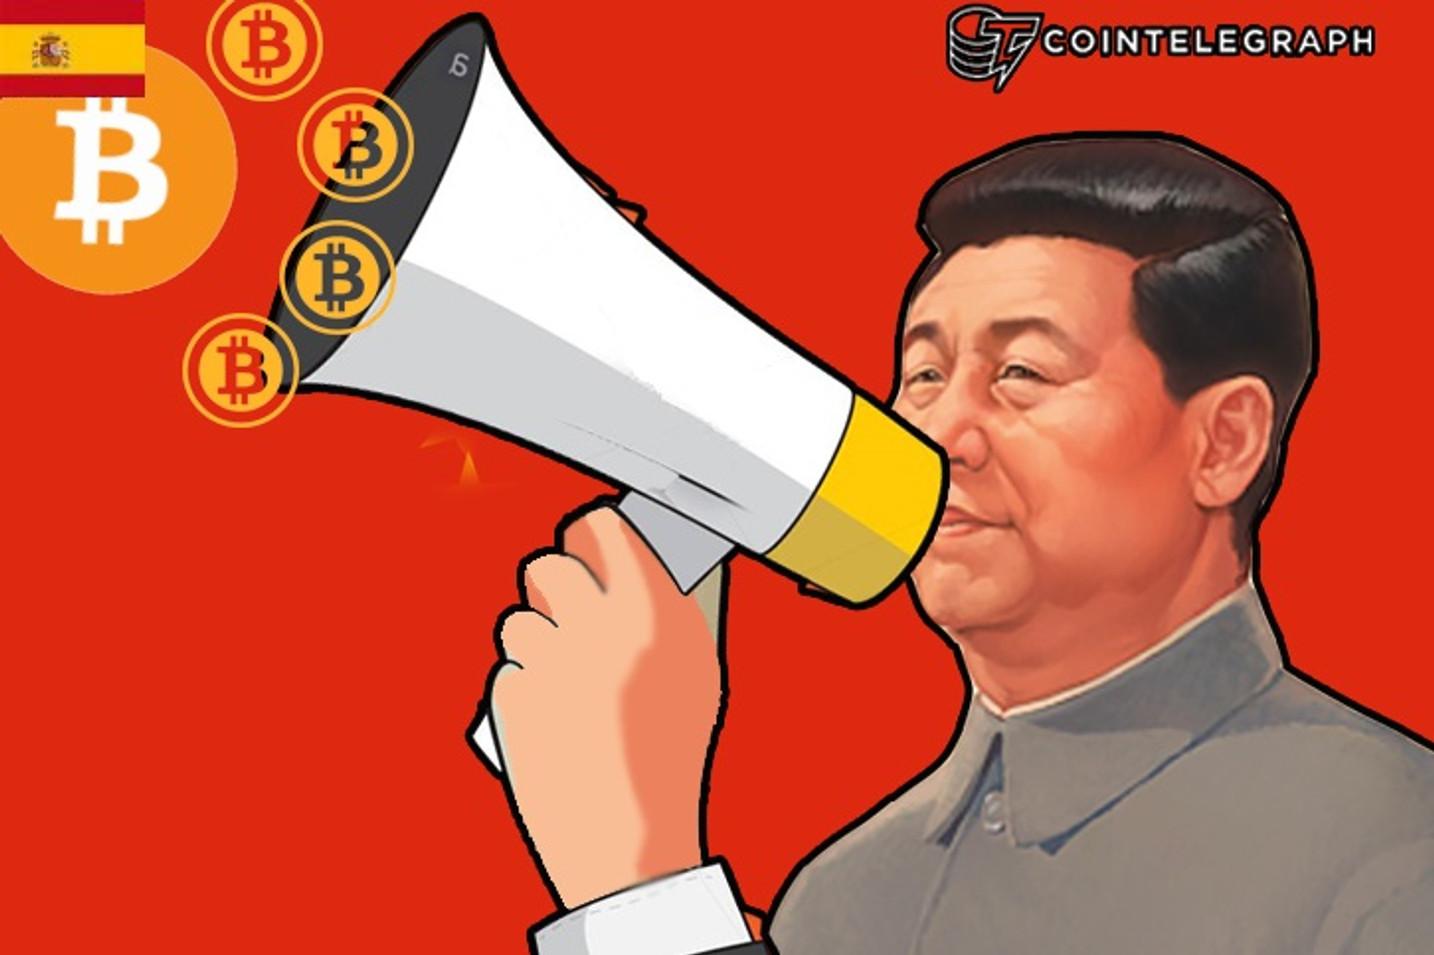 Las posibles medidas del Banco Popular de China sobre Bitcoin